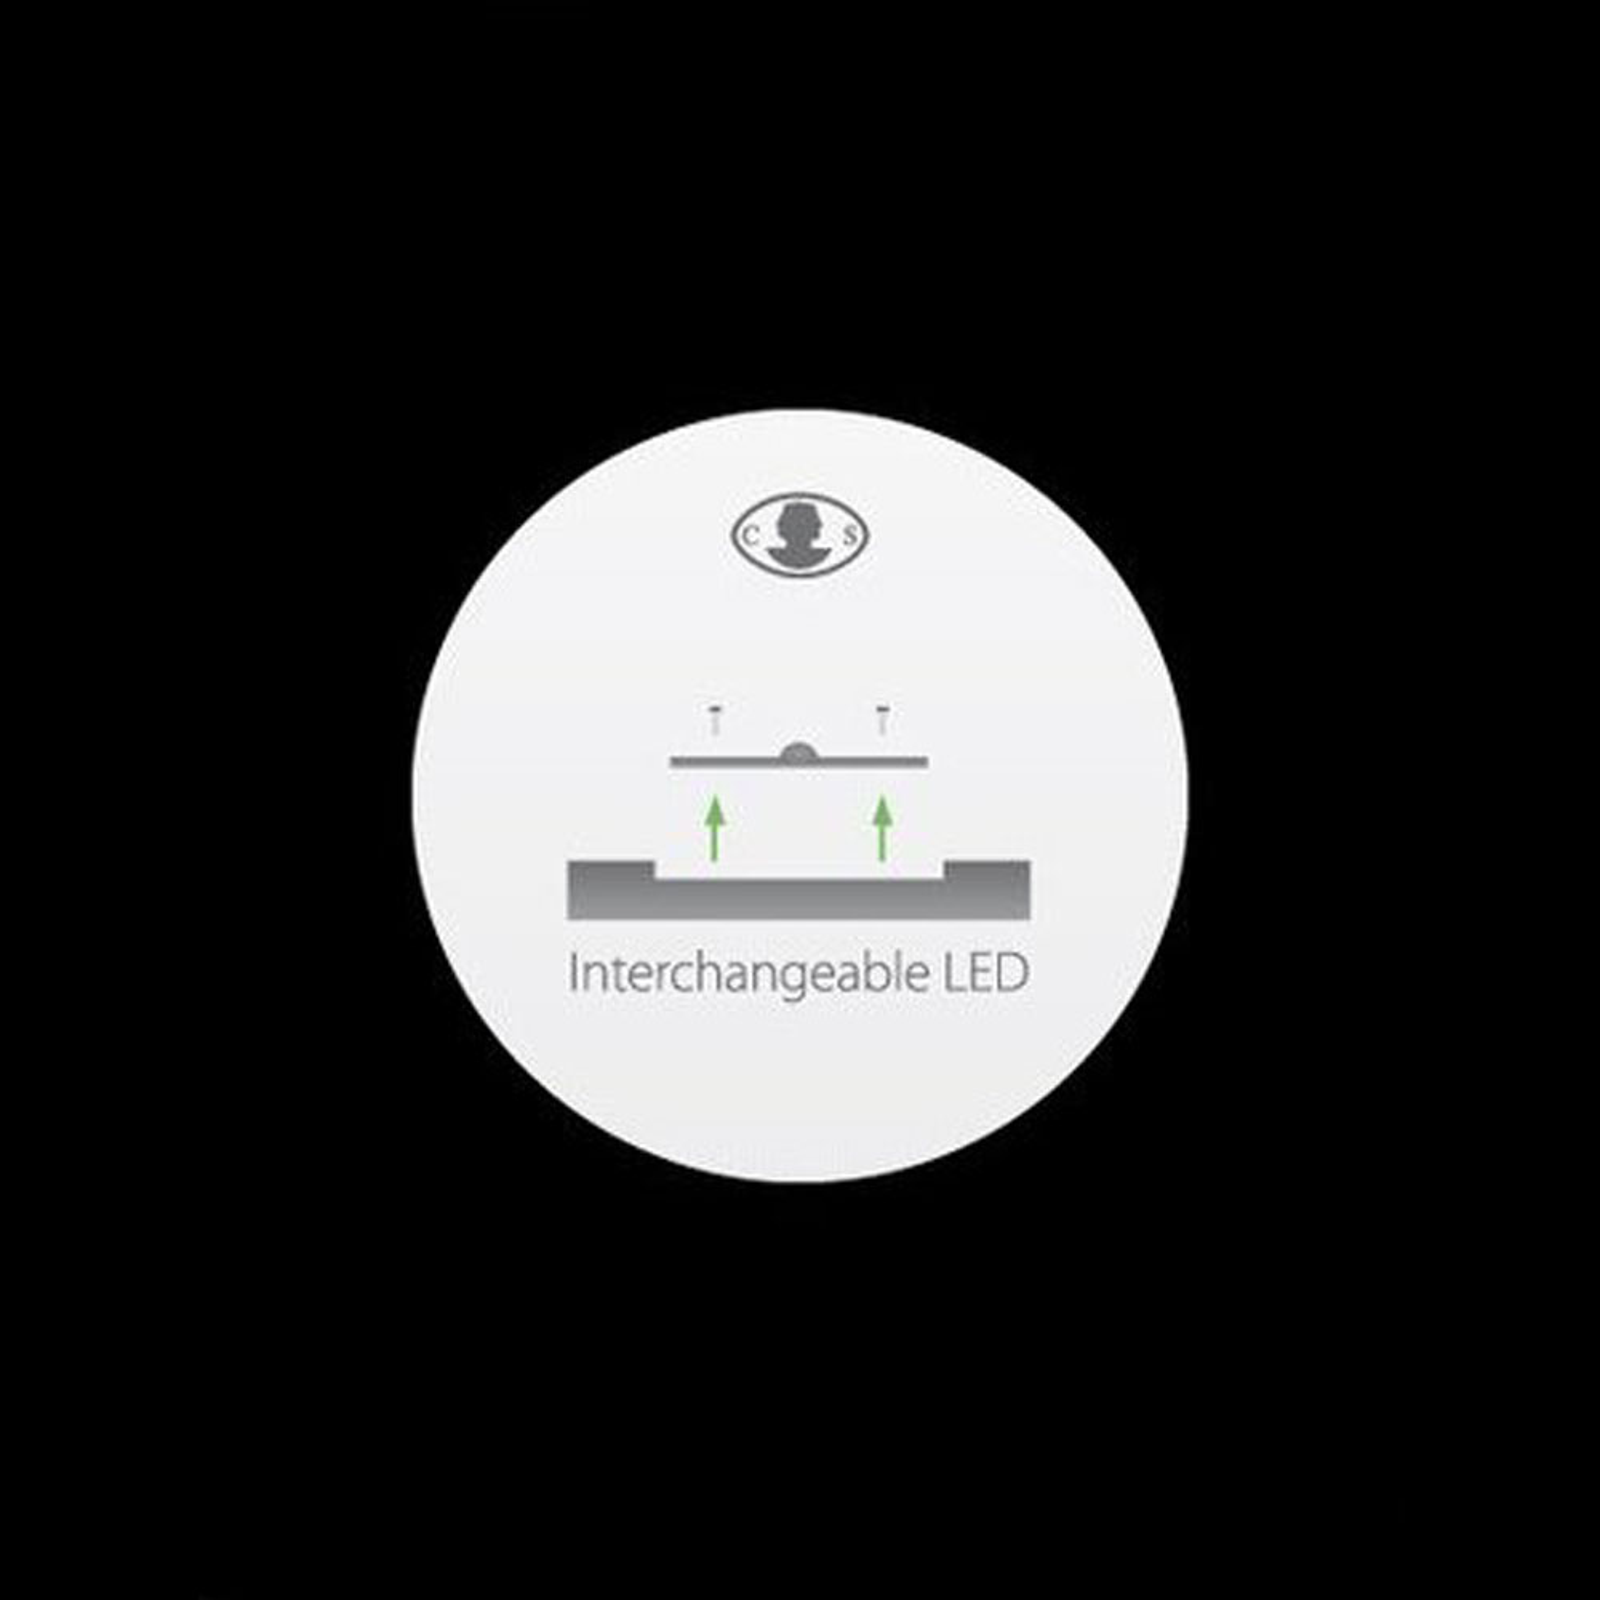 Stehleuchte WA WA F besitzt austauschbare LEDs